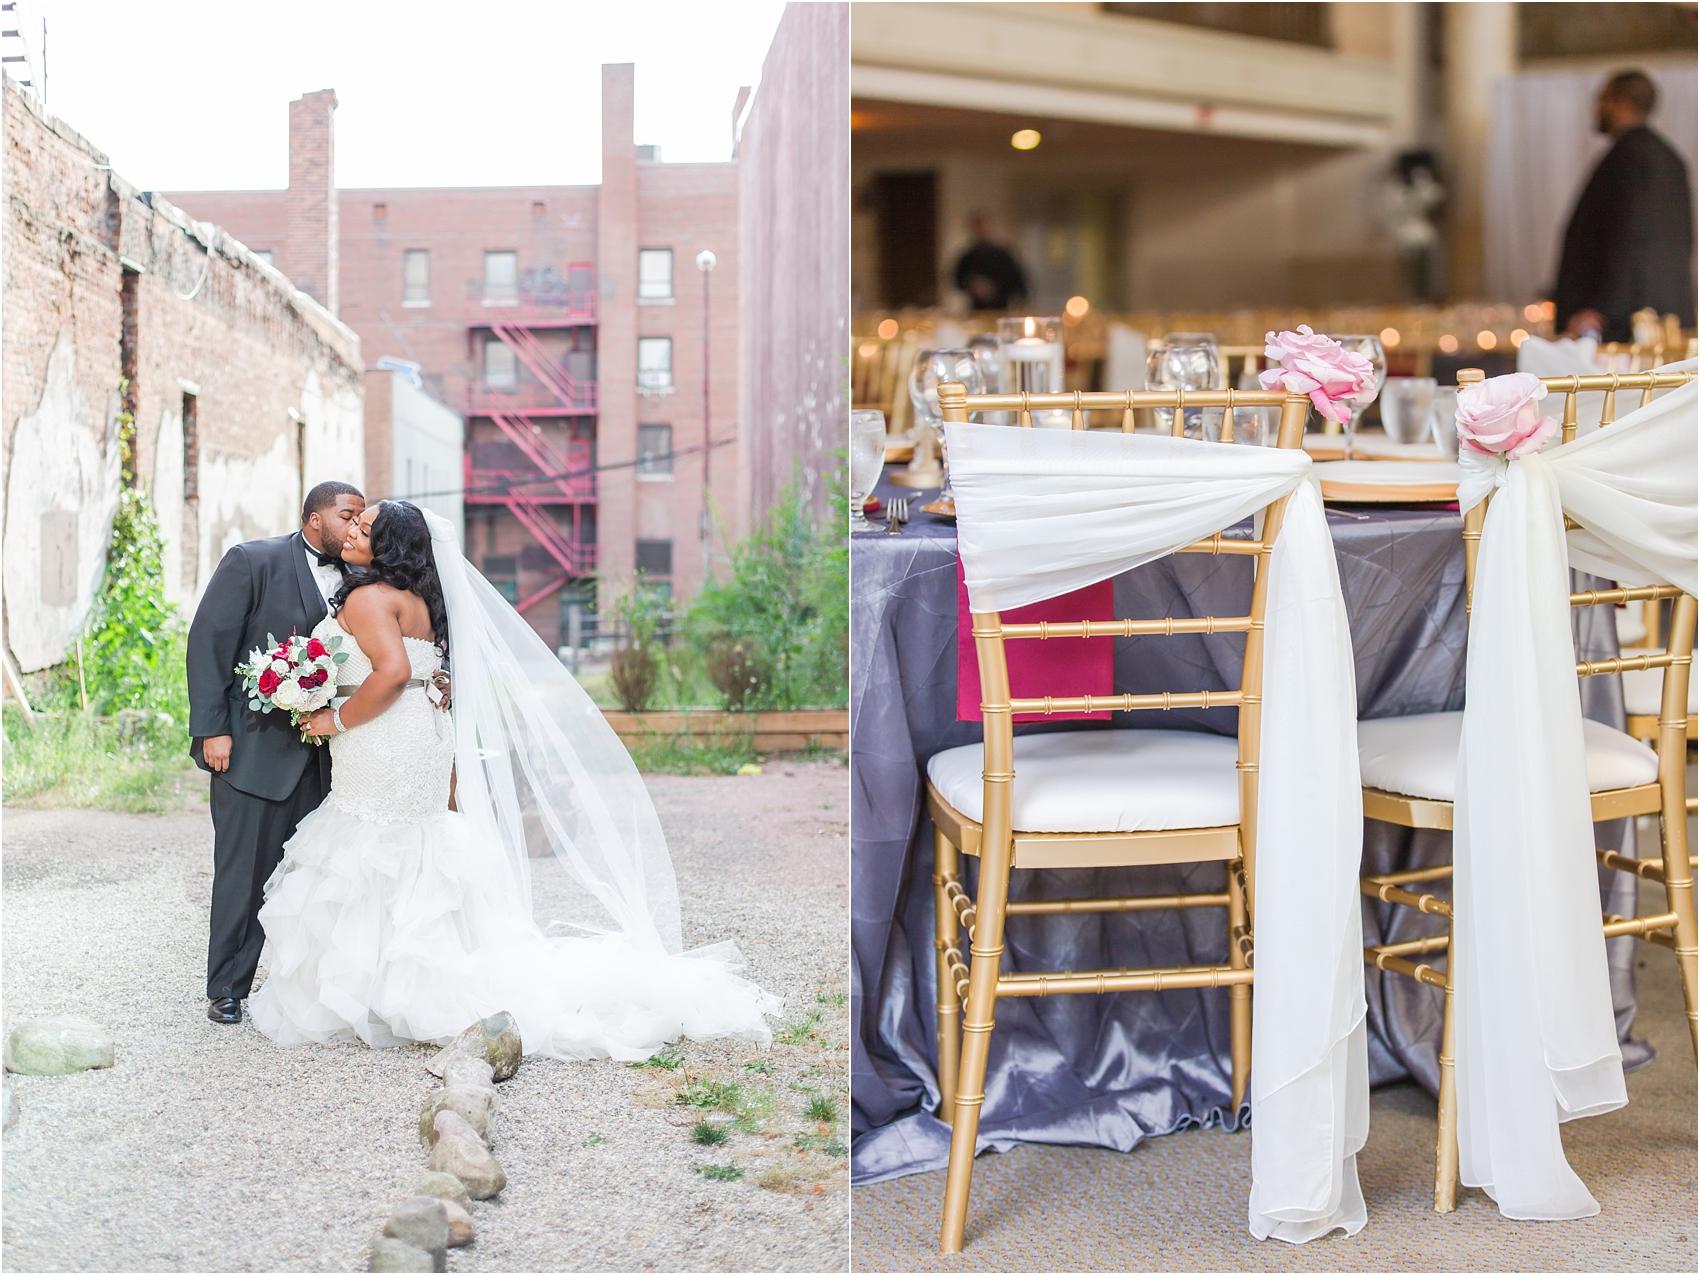 minimalist-and-modern-wedding-photos-at-30-north-saginaw-in-pontiac-michigan-by-courtney-carolyn-photography_0072.jpg